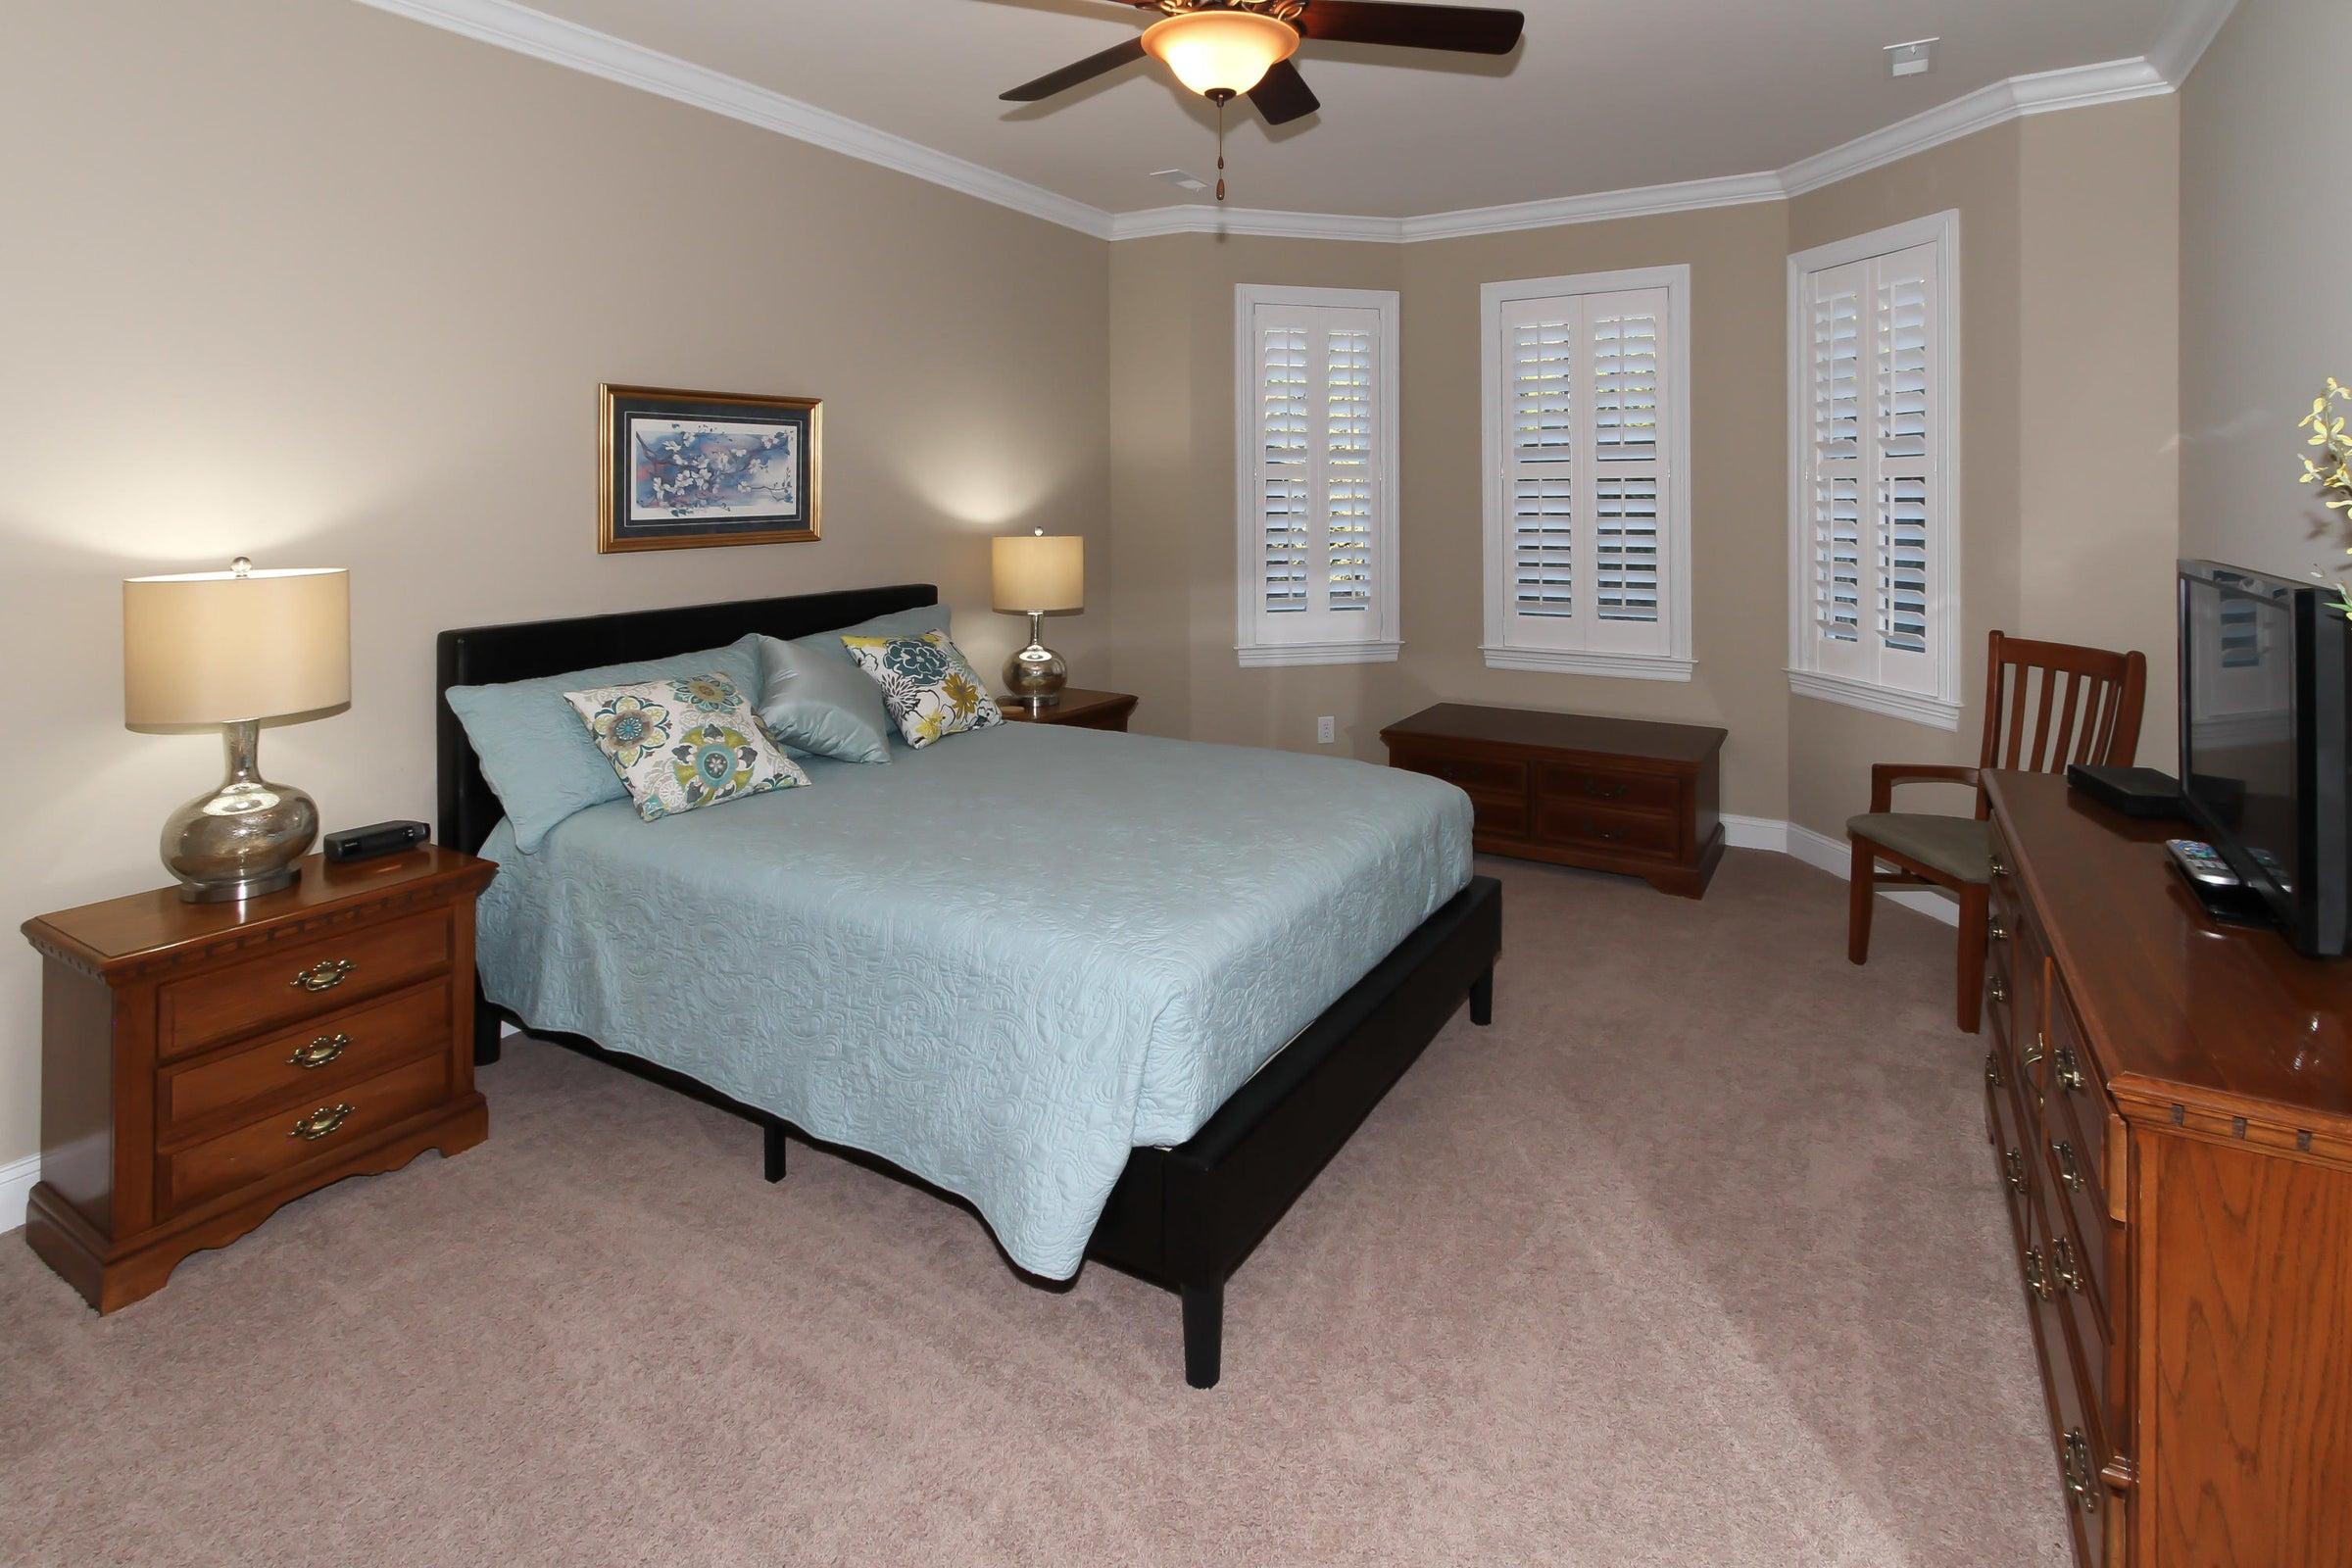 22 - Bedroom 2